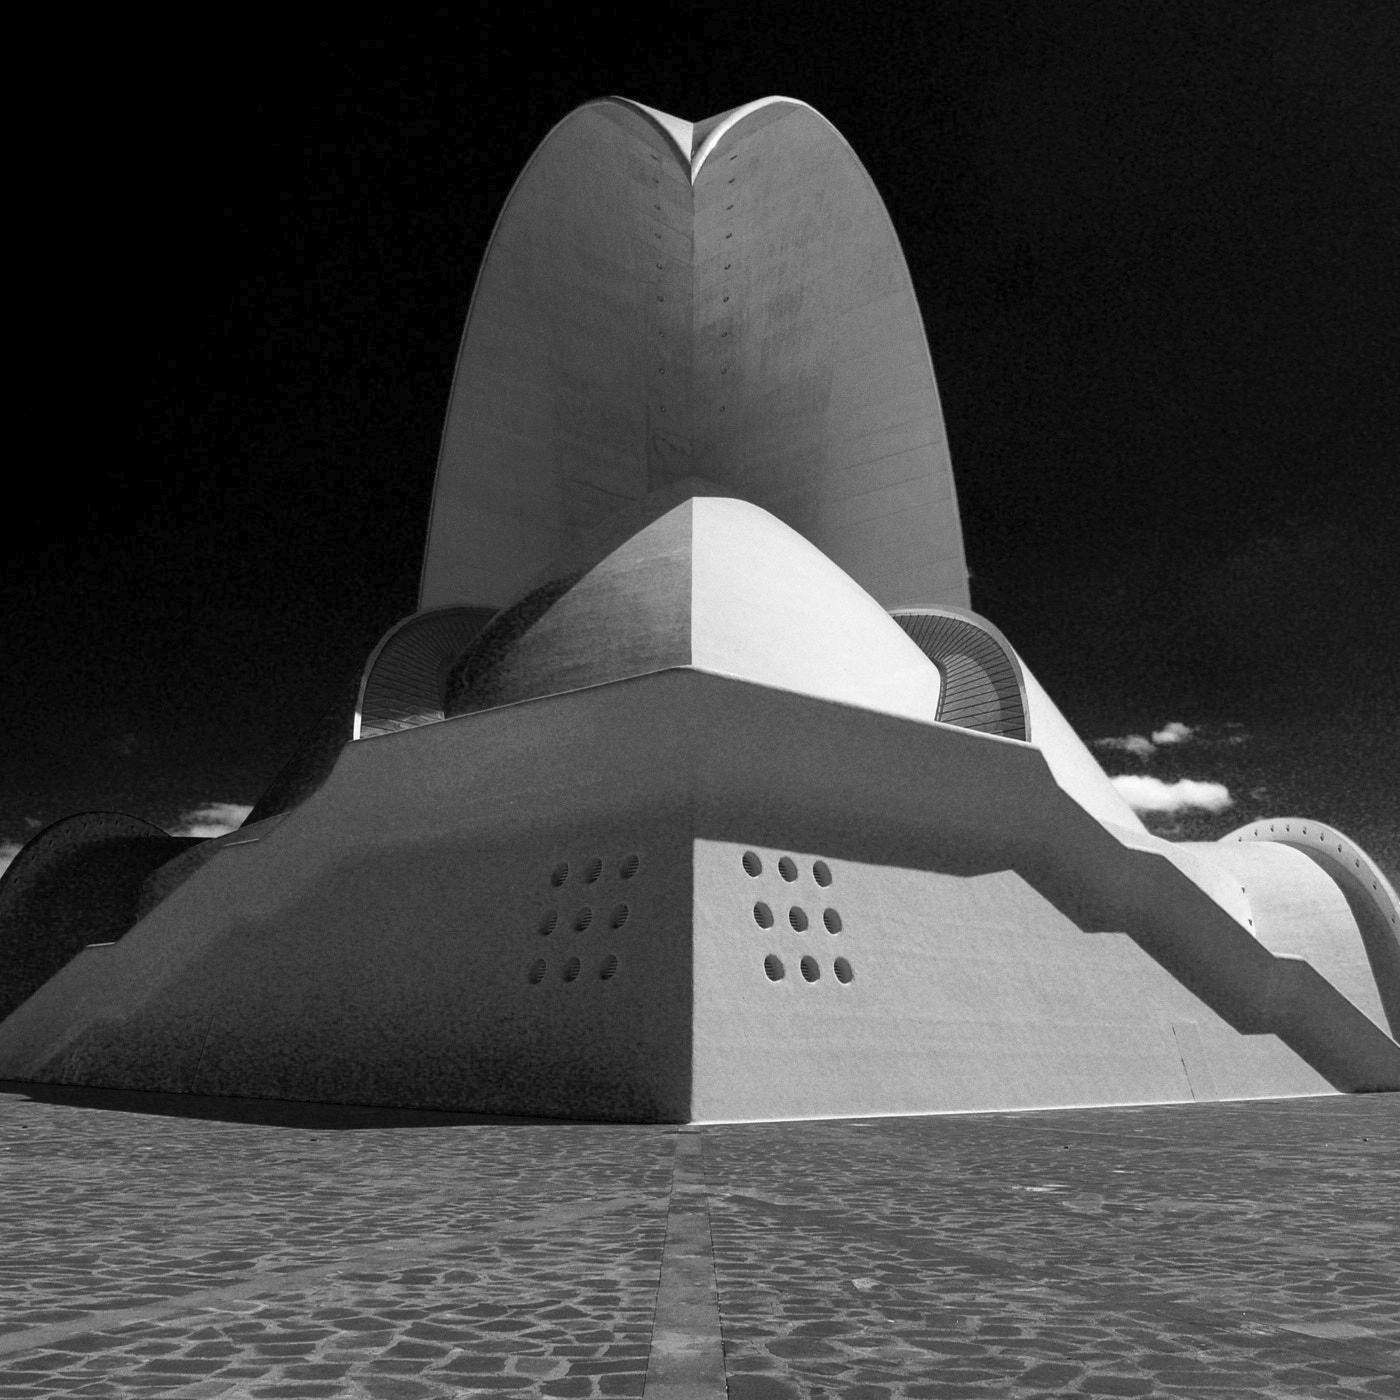 Auditorio de Tenerife - architecture - schlichi | ello